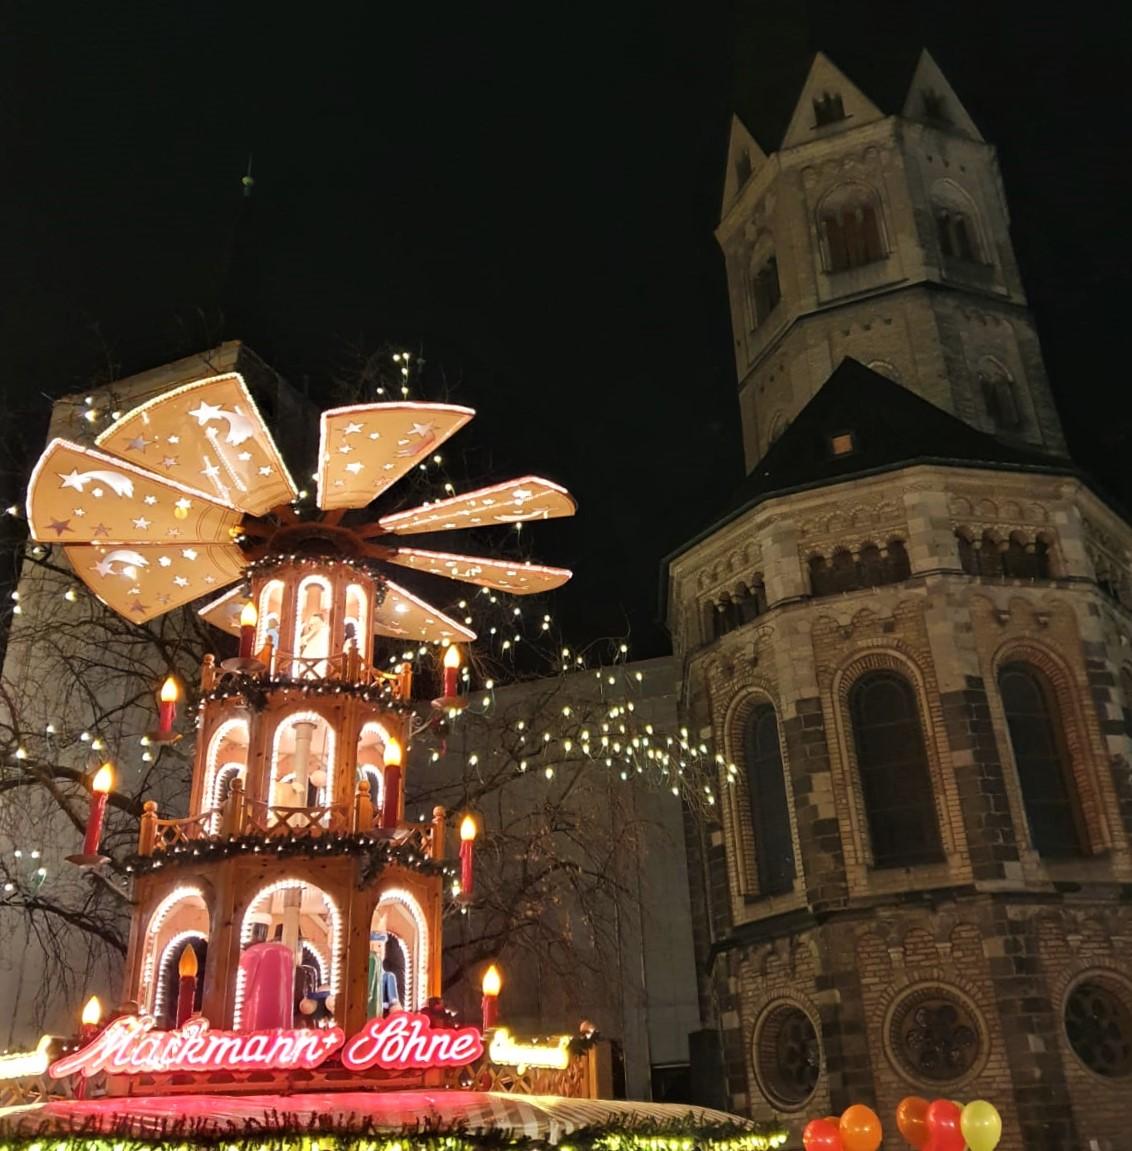 Weihnachtsmarkt Bonn in der Innenstadt